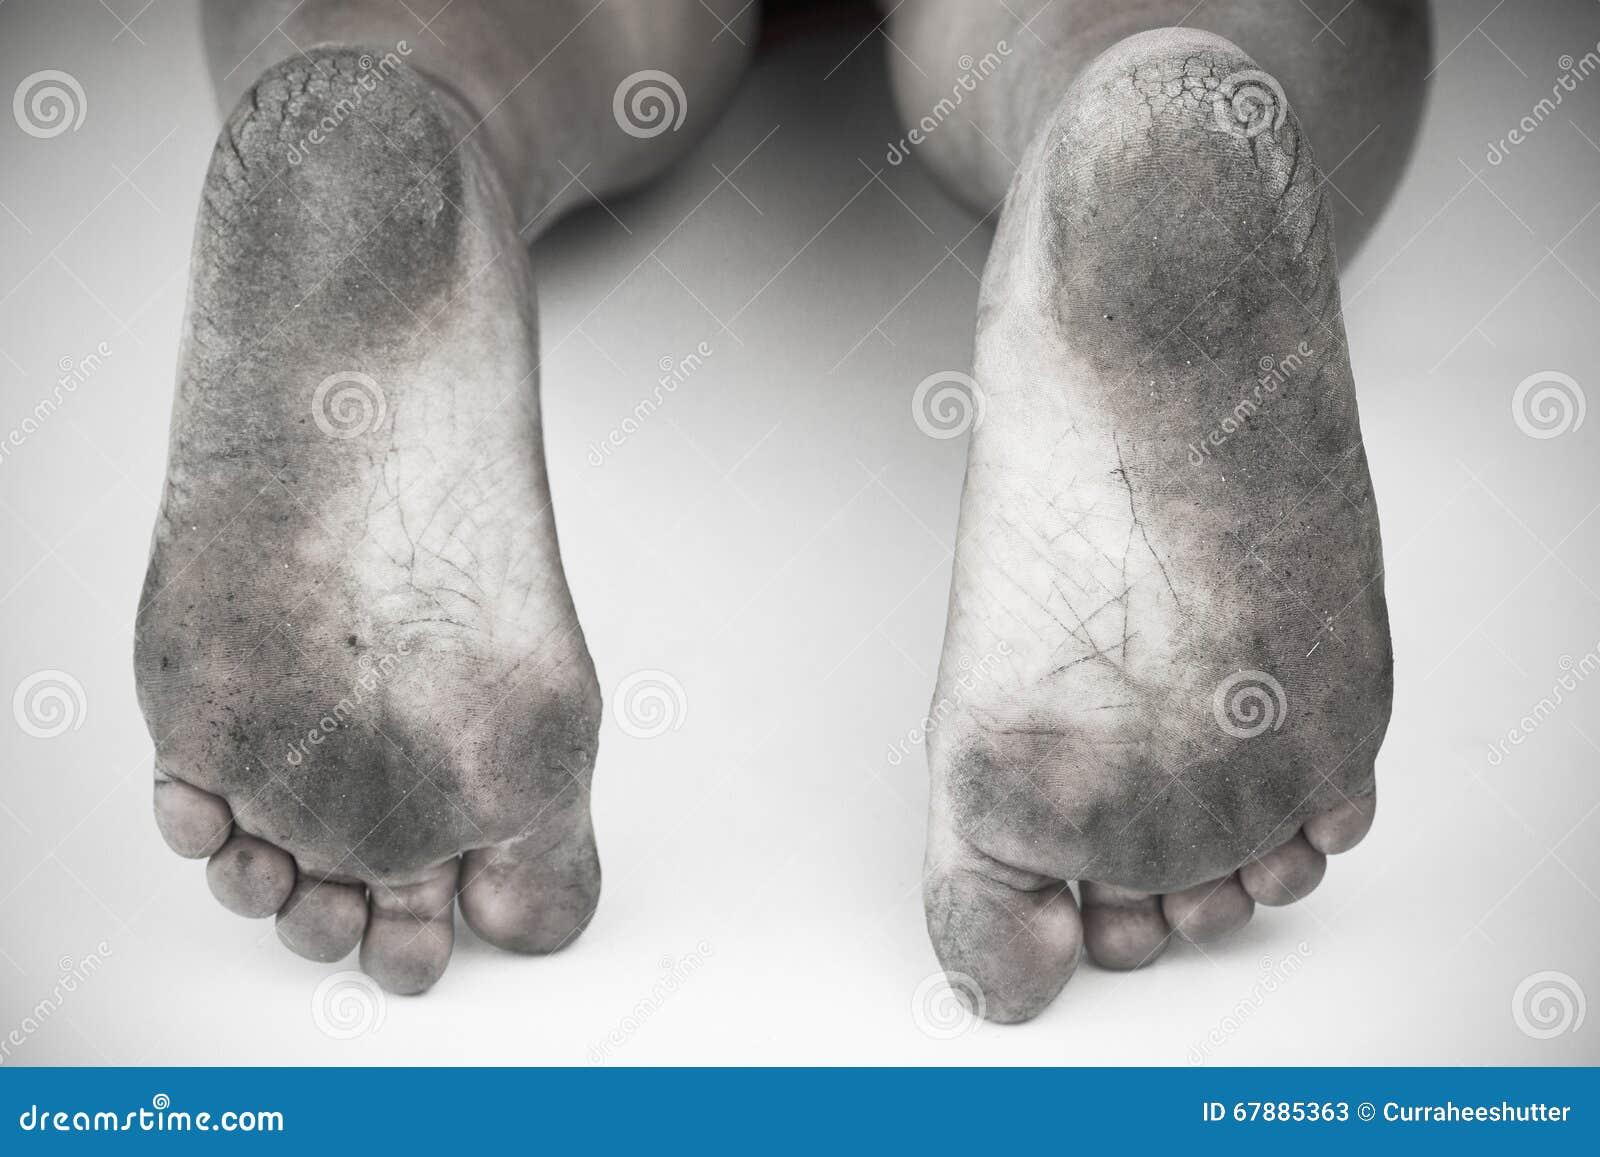 Μονοχρωματικός ή πίσω και άσπρος του βρώμικου ποδιού ή των ραγισμένων τακουνιών απομονώστε στο άσπρο υπόβαθρο, ιατρικός ή τα πόδι